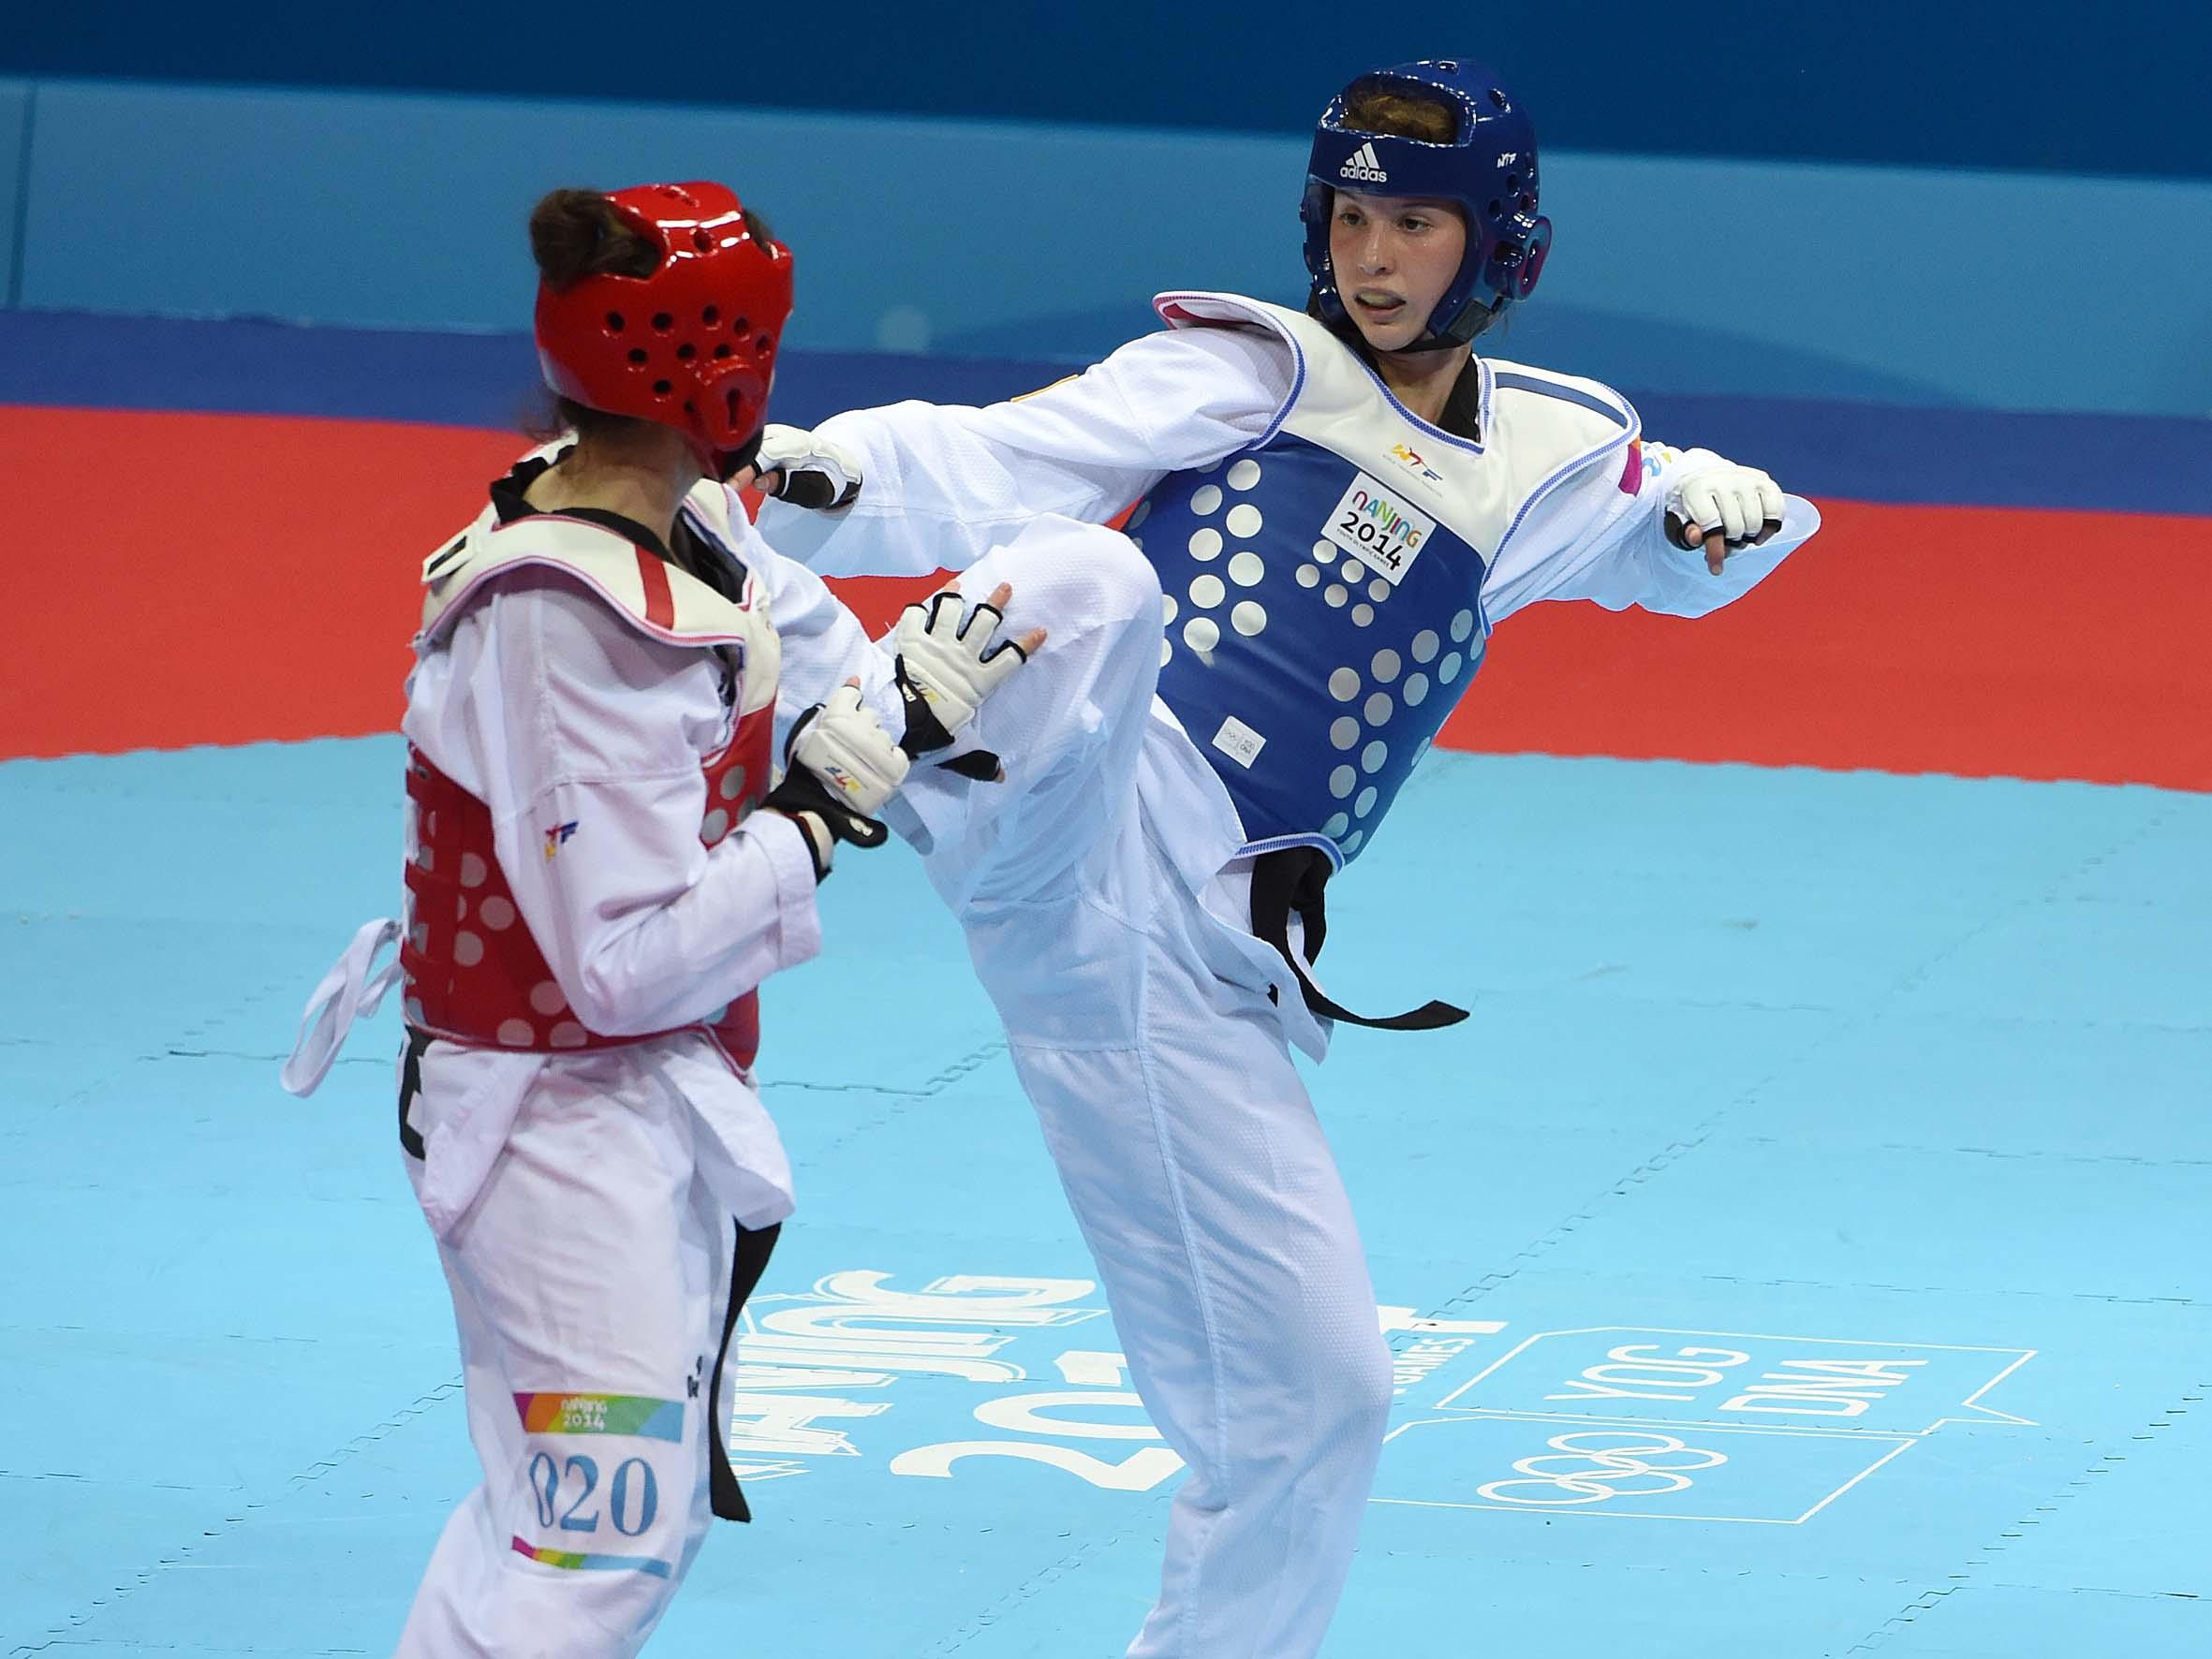 Taekwondo-55 Kg Donne 11